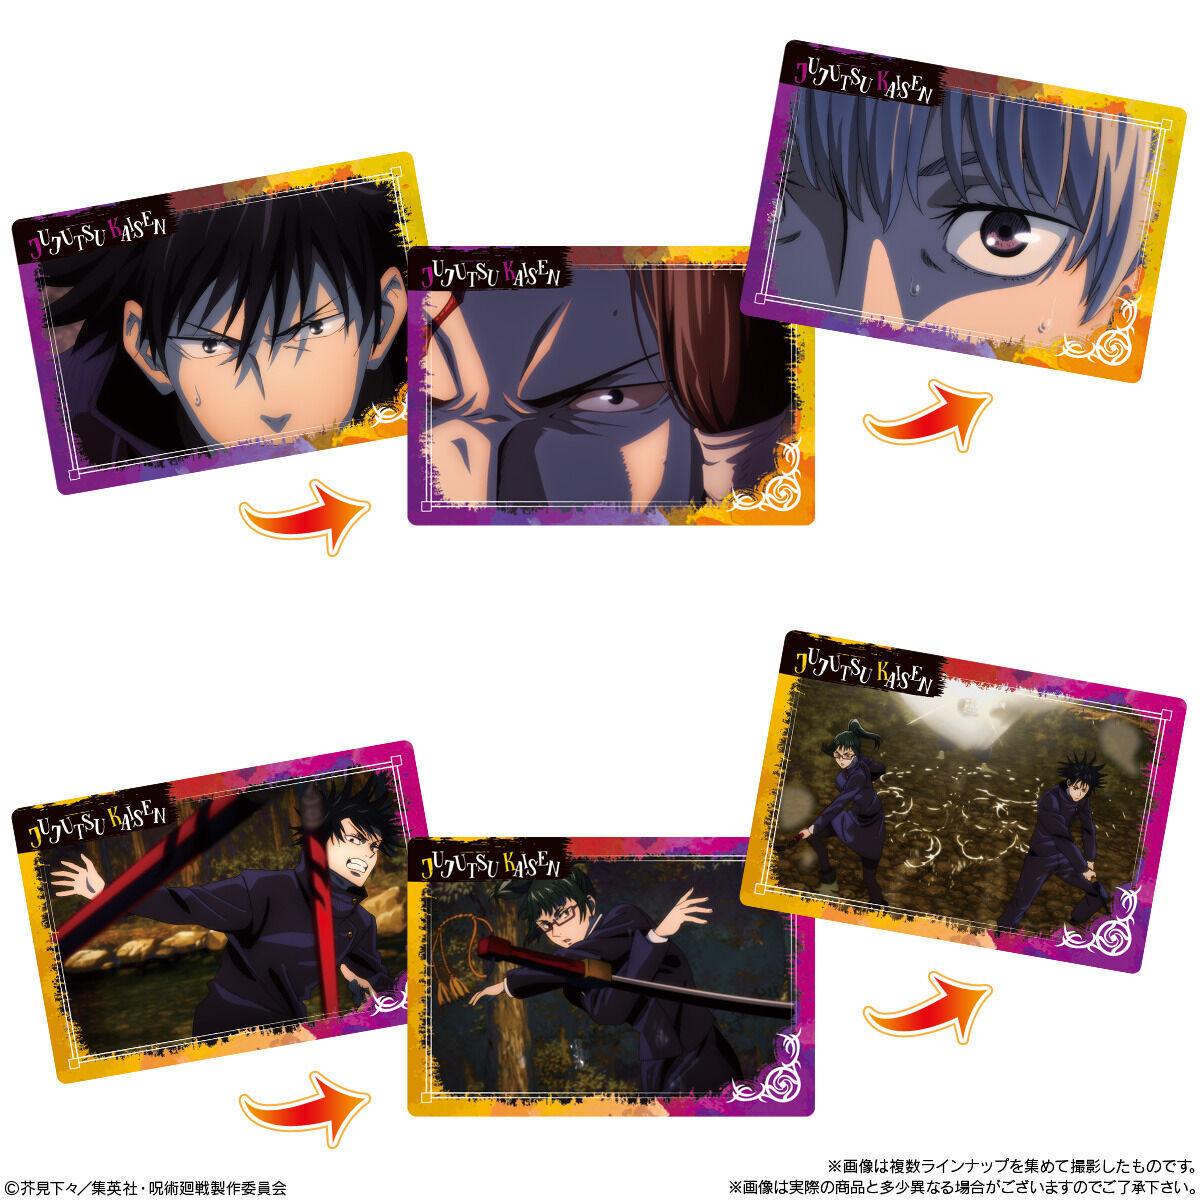 【食玩】呪術廻戦『呪術廻戦 PLAY BACKカードチョコスナック2』10個入りBOX-006